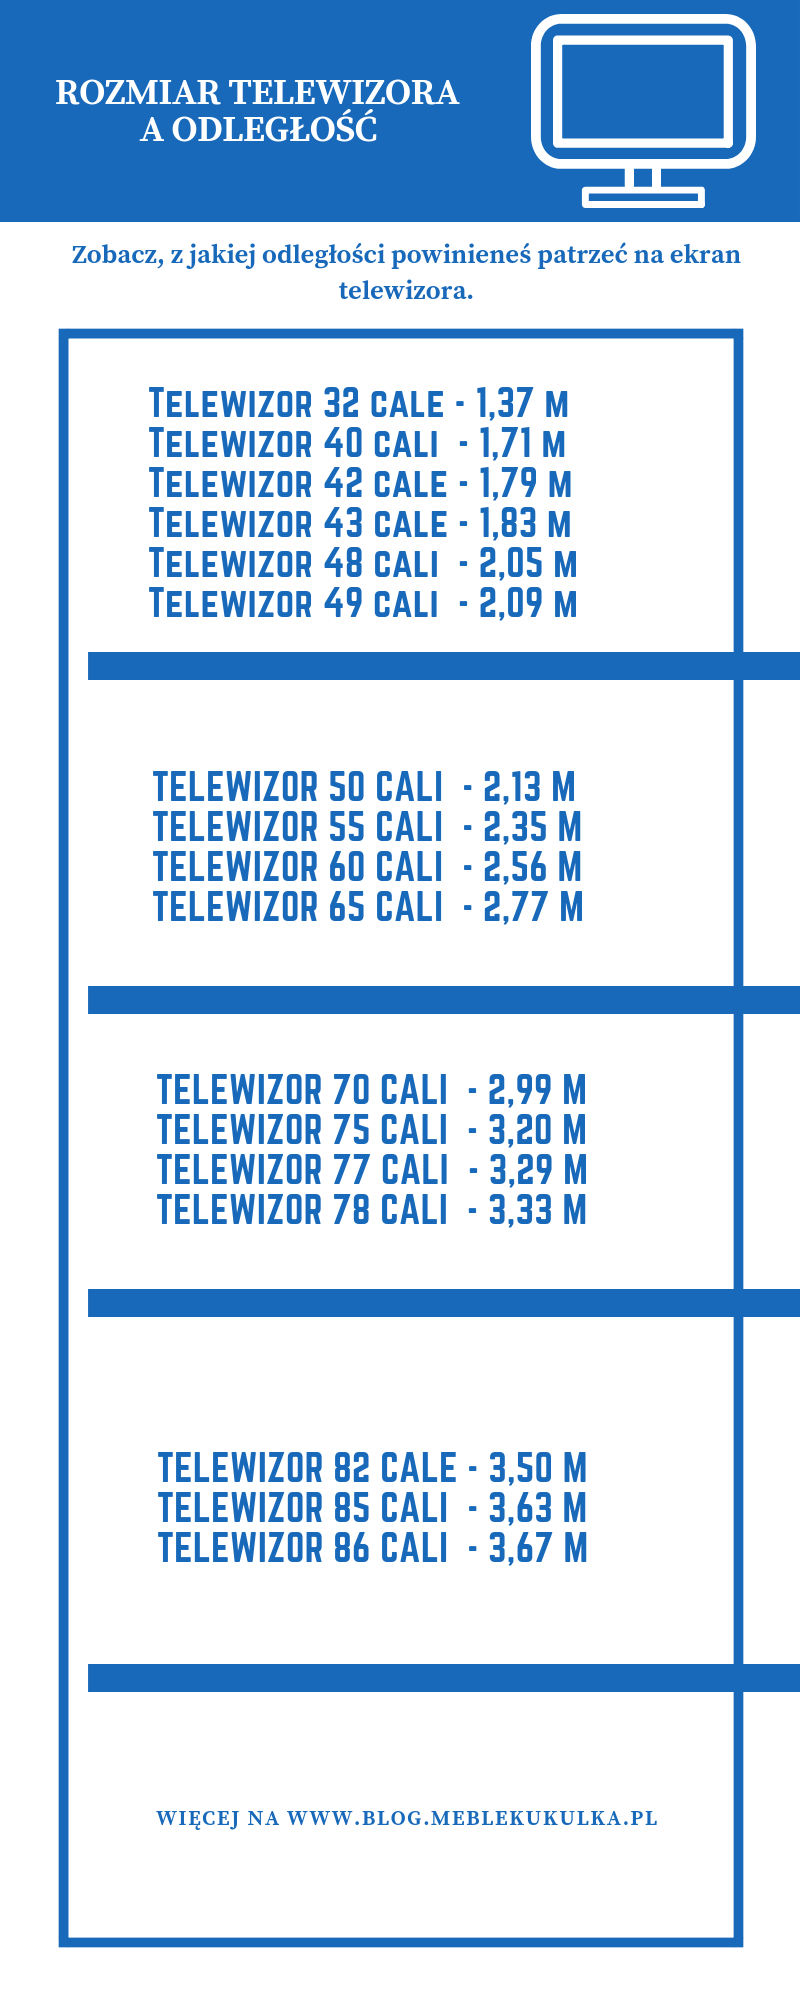 Rozmiar telewizora a odległość